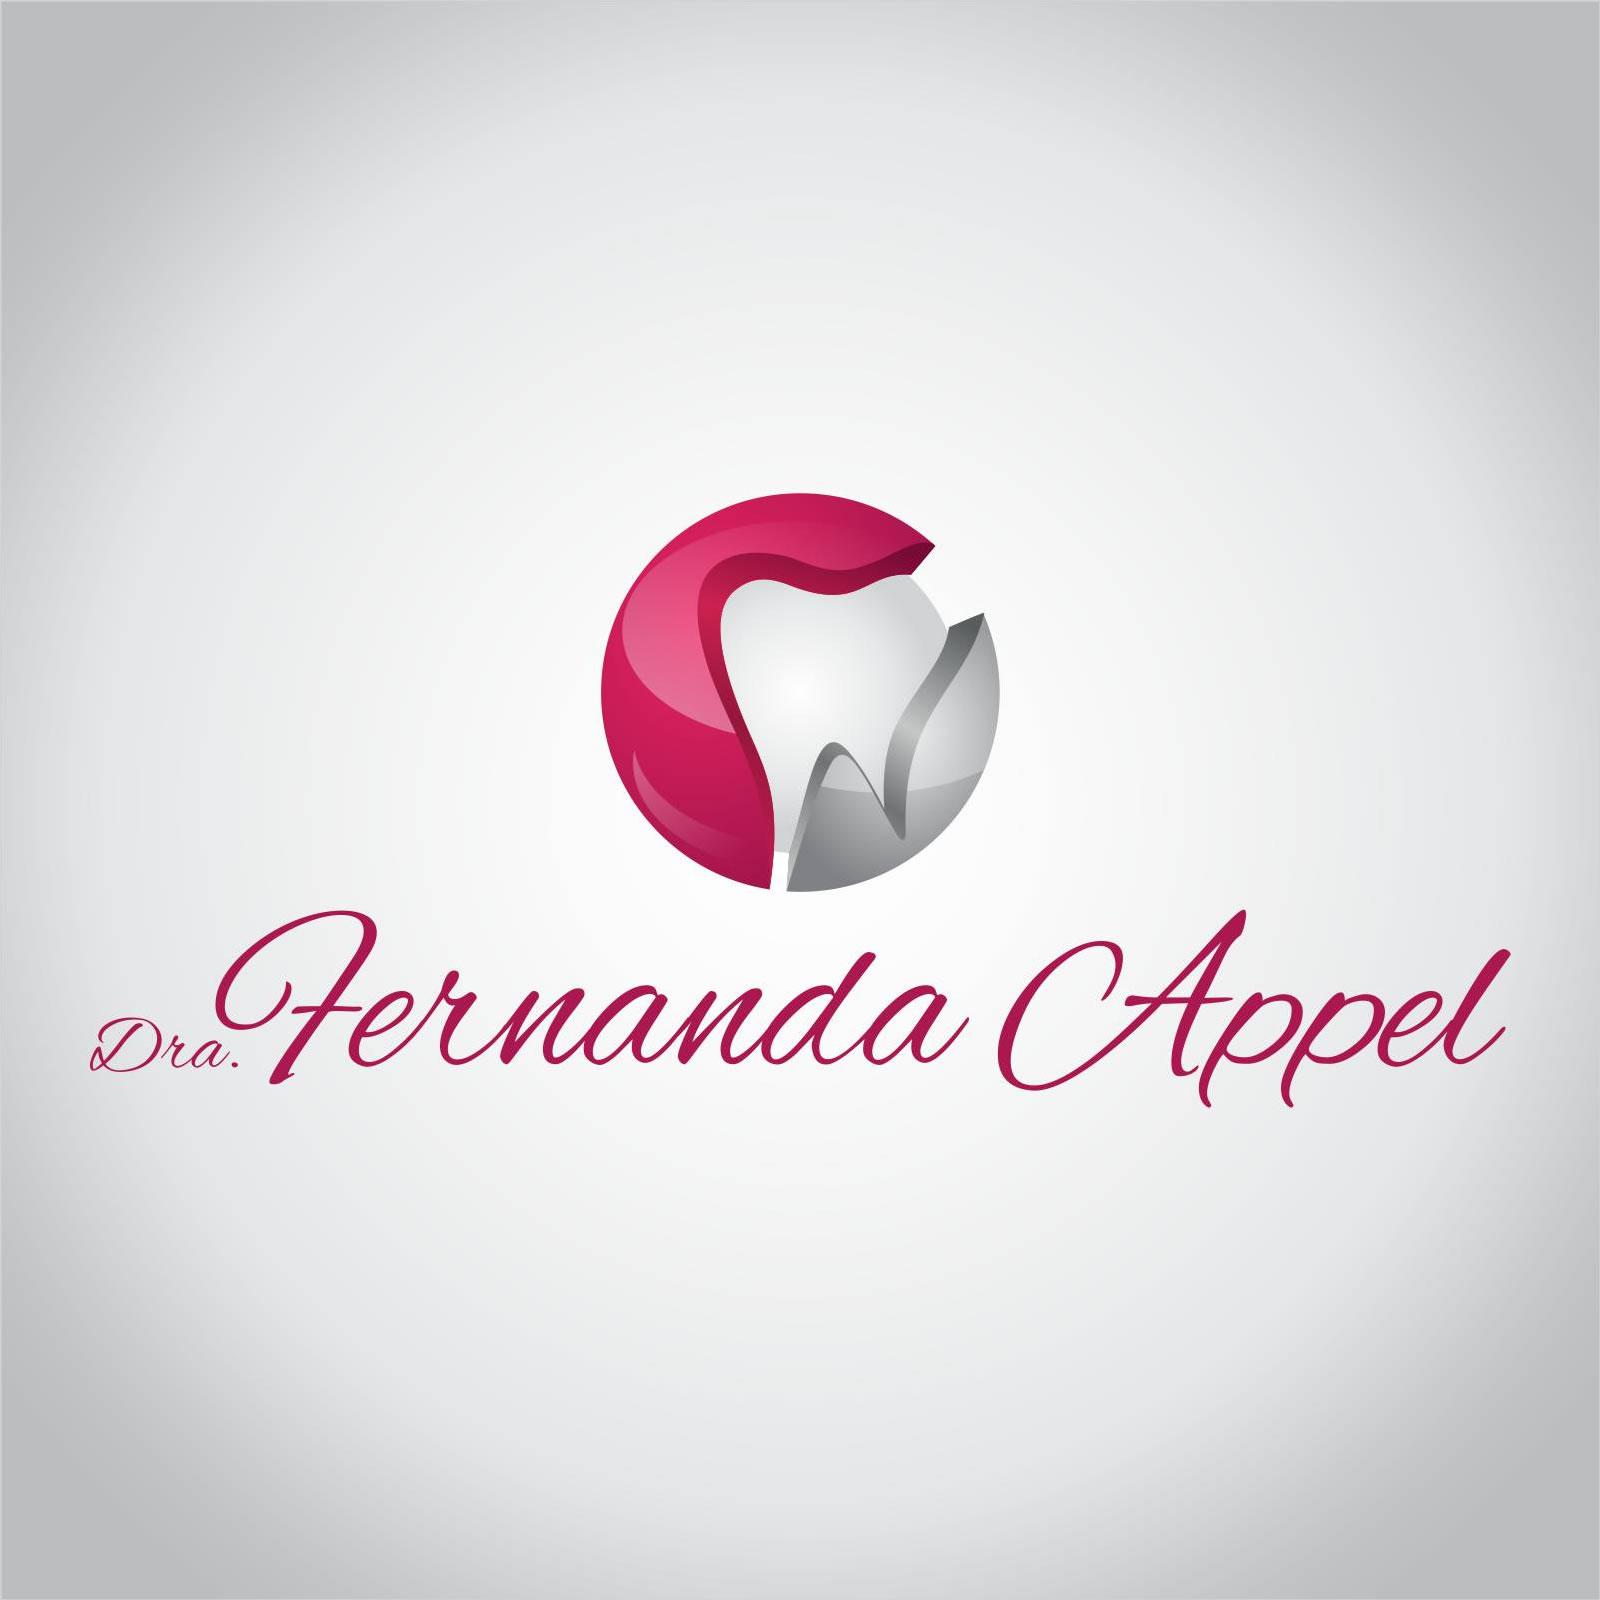 Logomarca | Dra. Fernanda Appel